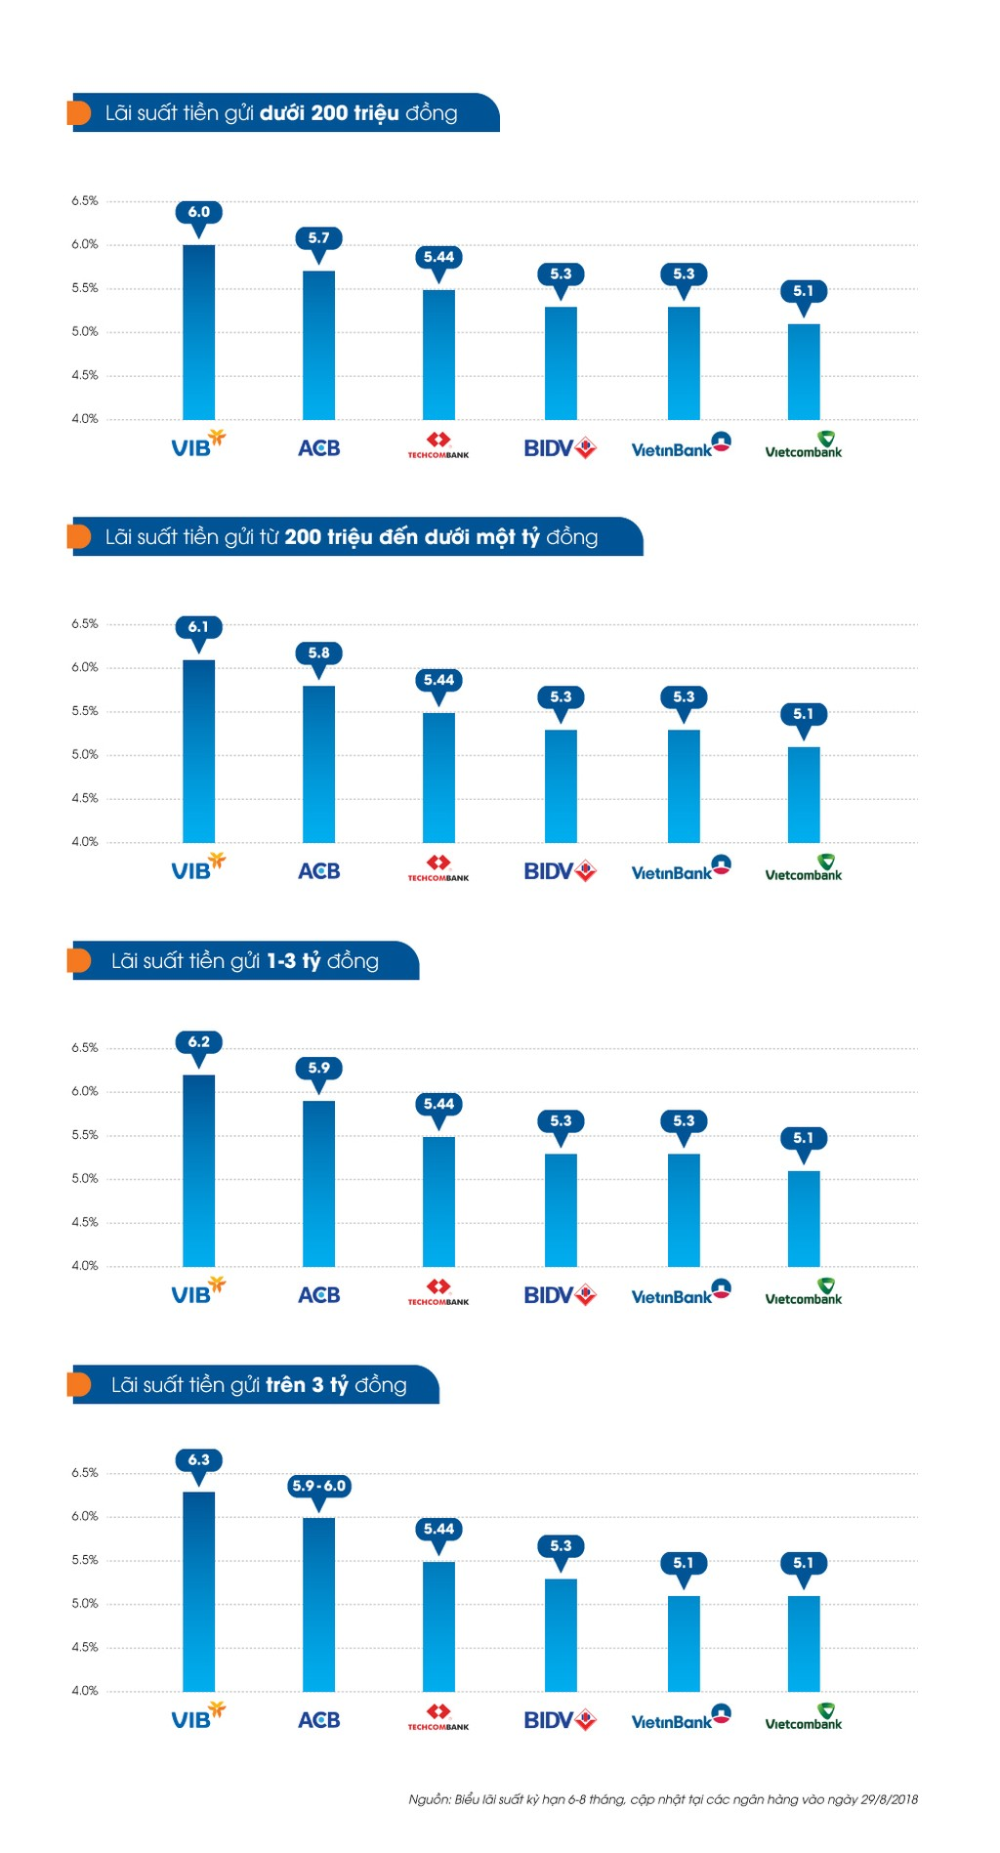 Lãi suất tiết kiệm ngắn hạn ở các ngân hàng - ảnh 1